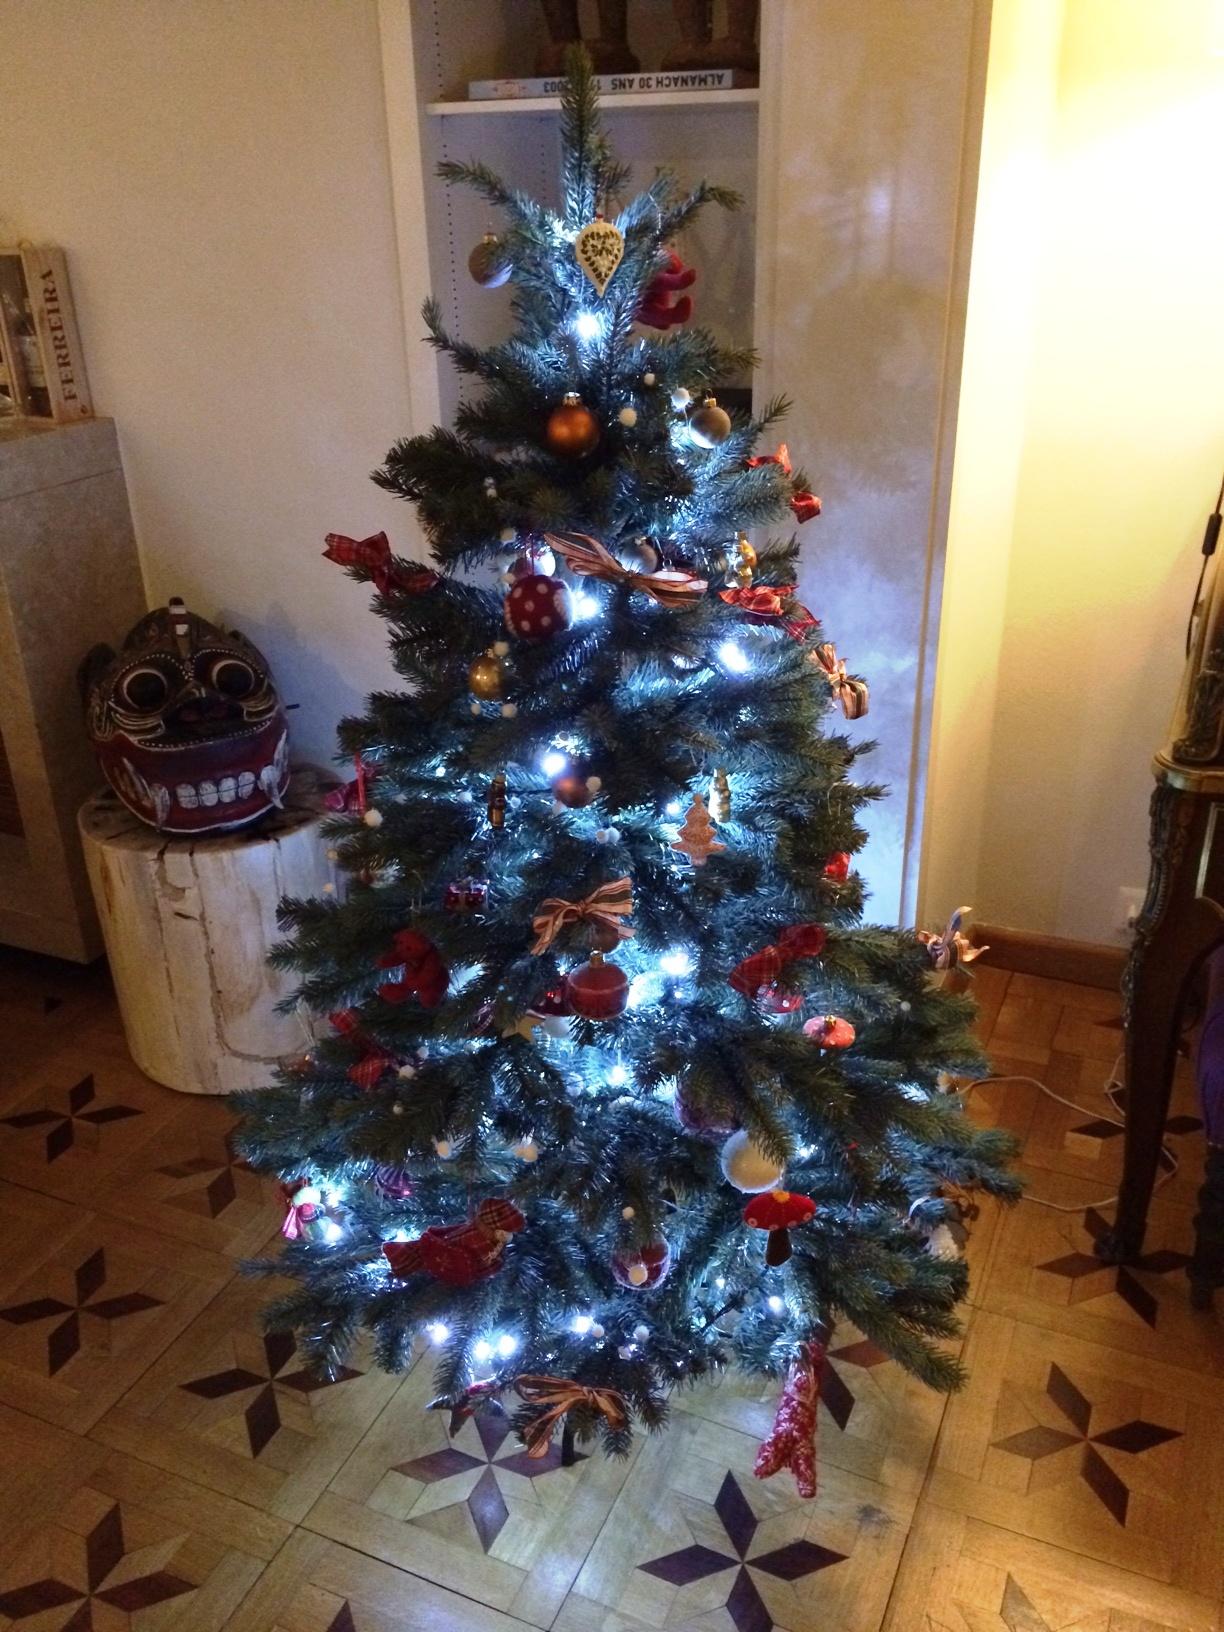 #AD8A1E Envoyez Nous Vos Photos De Décorations De Noël Signé Genève 5435 decorations de noel geneve 1224x1632 px @ aertt.com